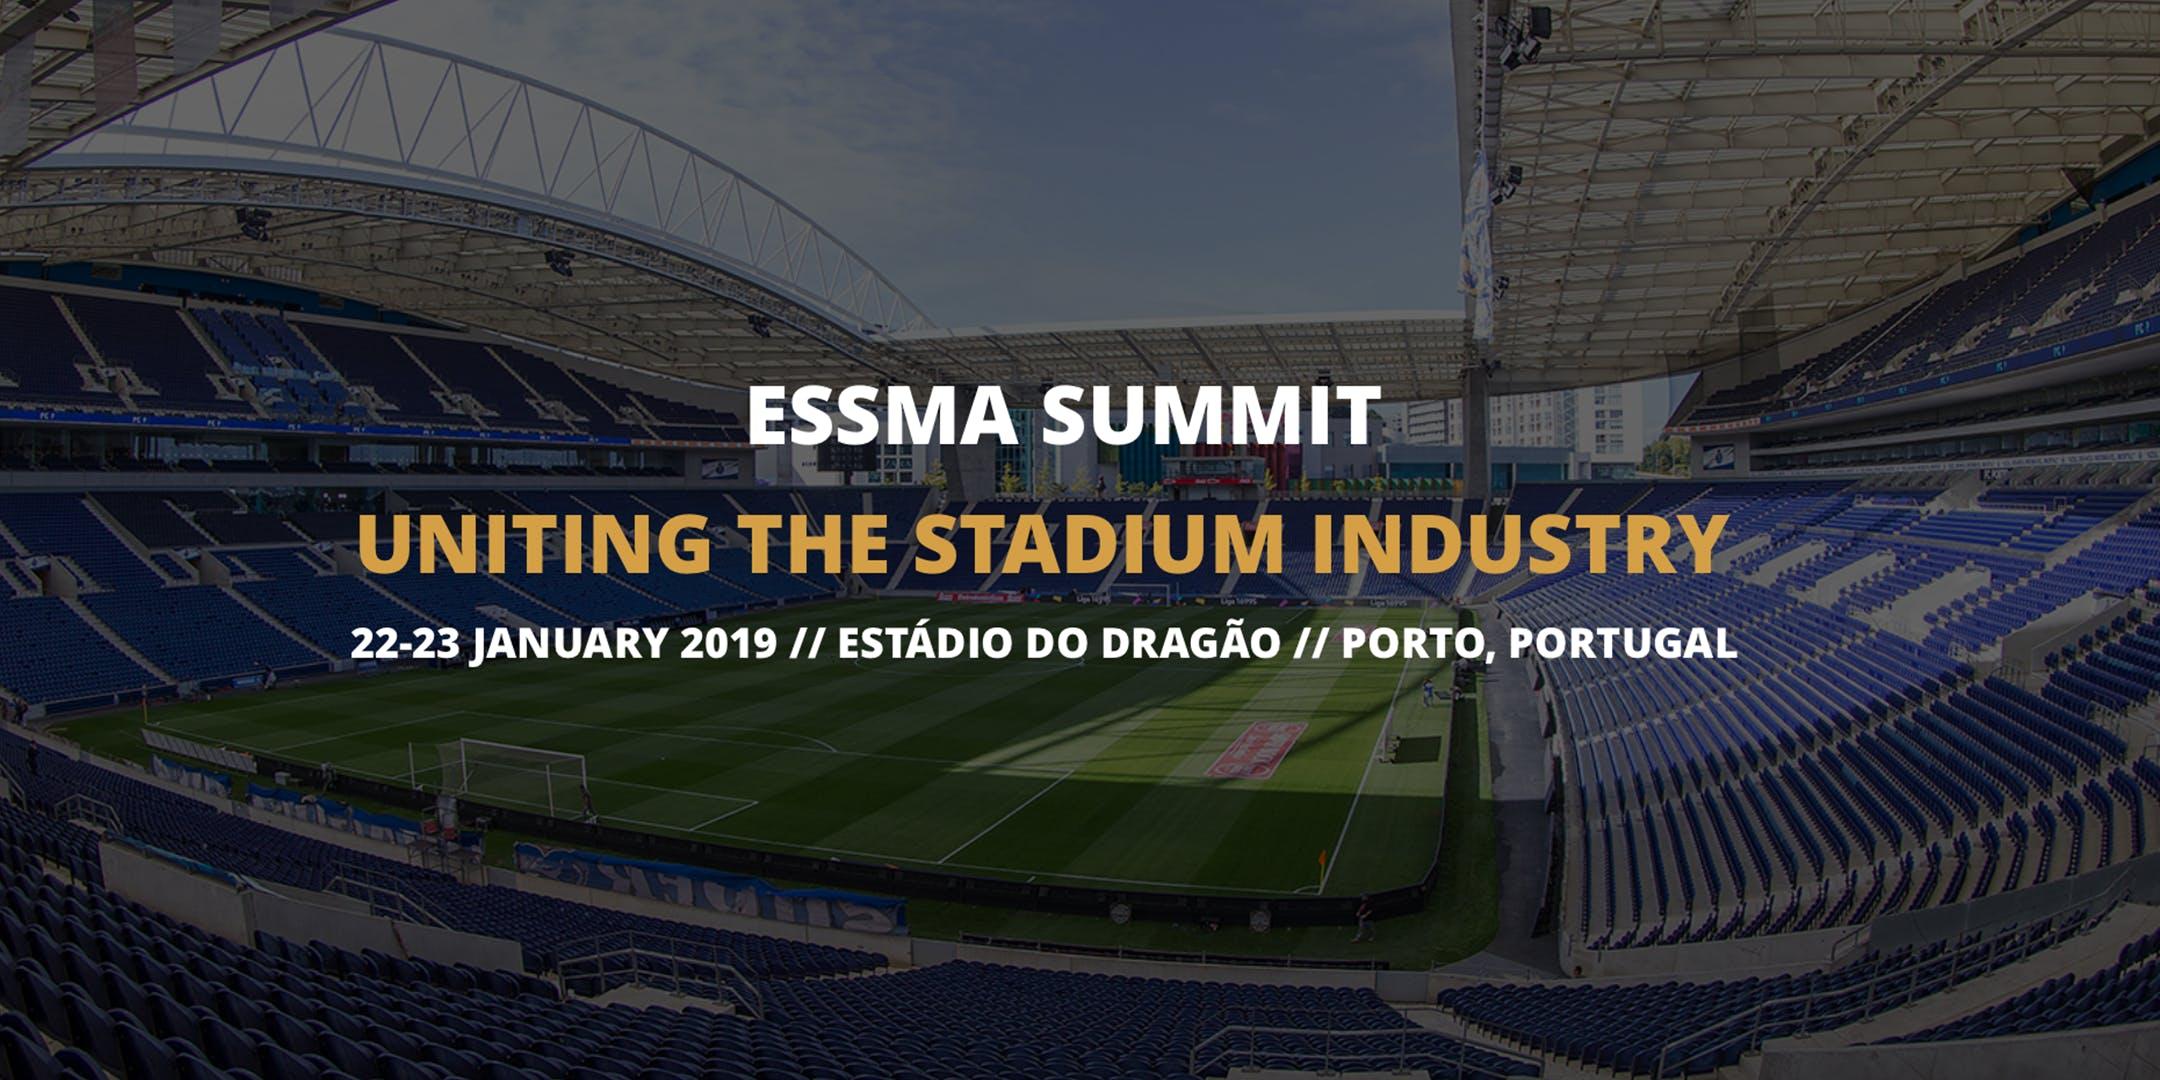 ESSMA Summit 2019 - Tickets for ESSMA Stadium/Club/League/Federation Member